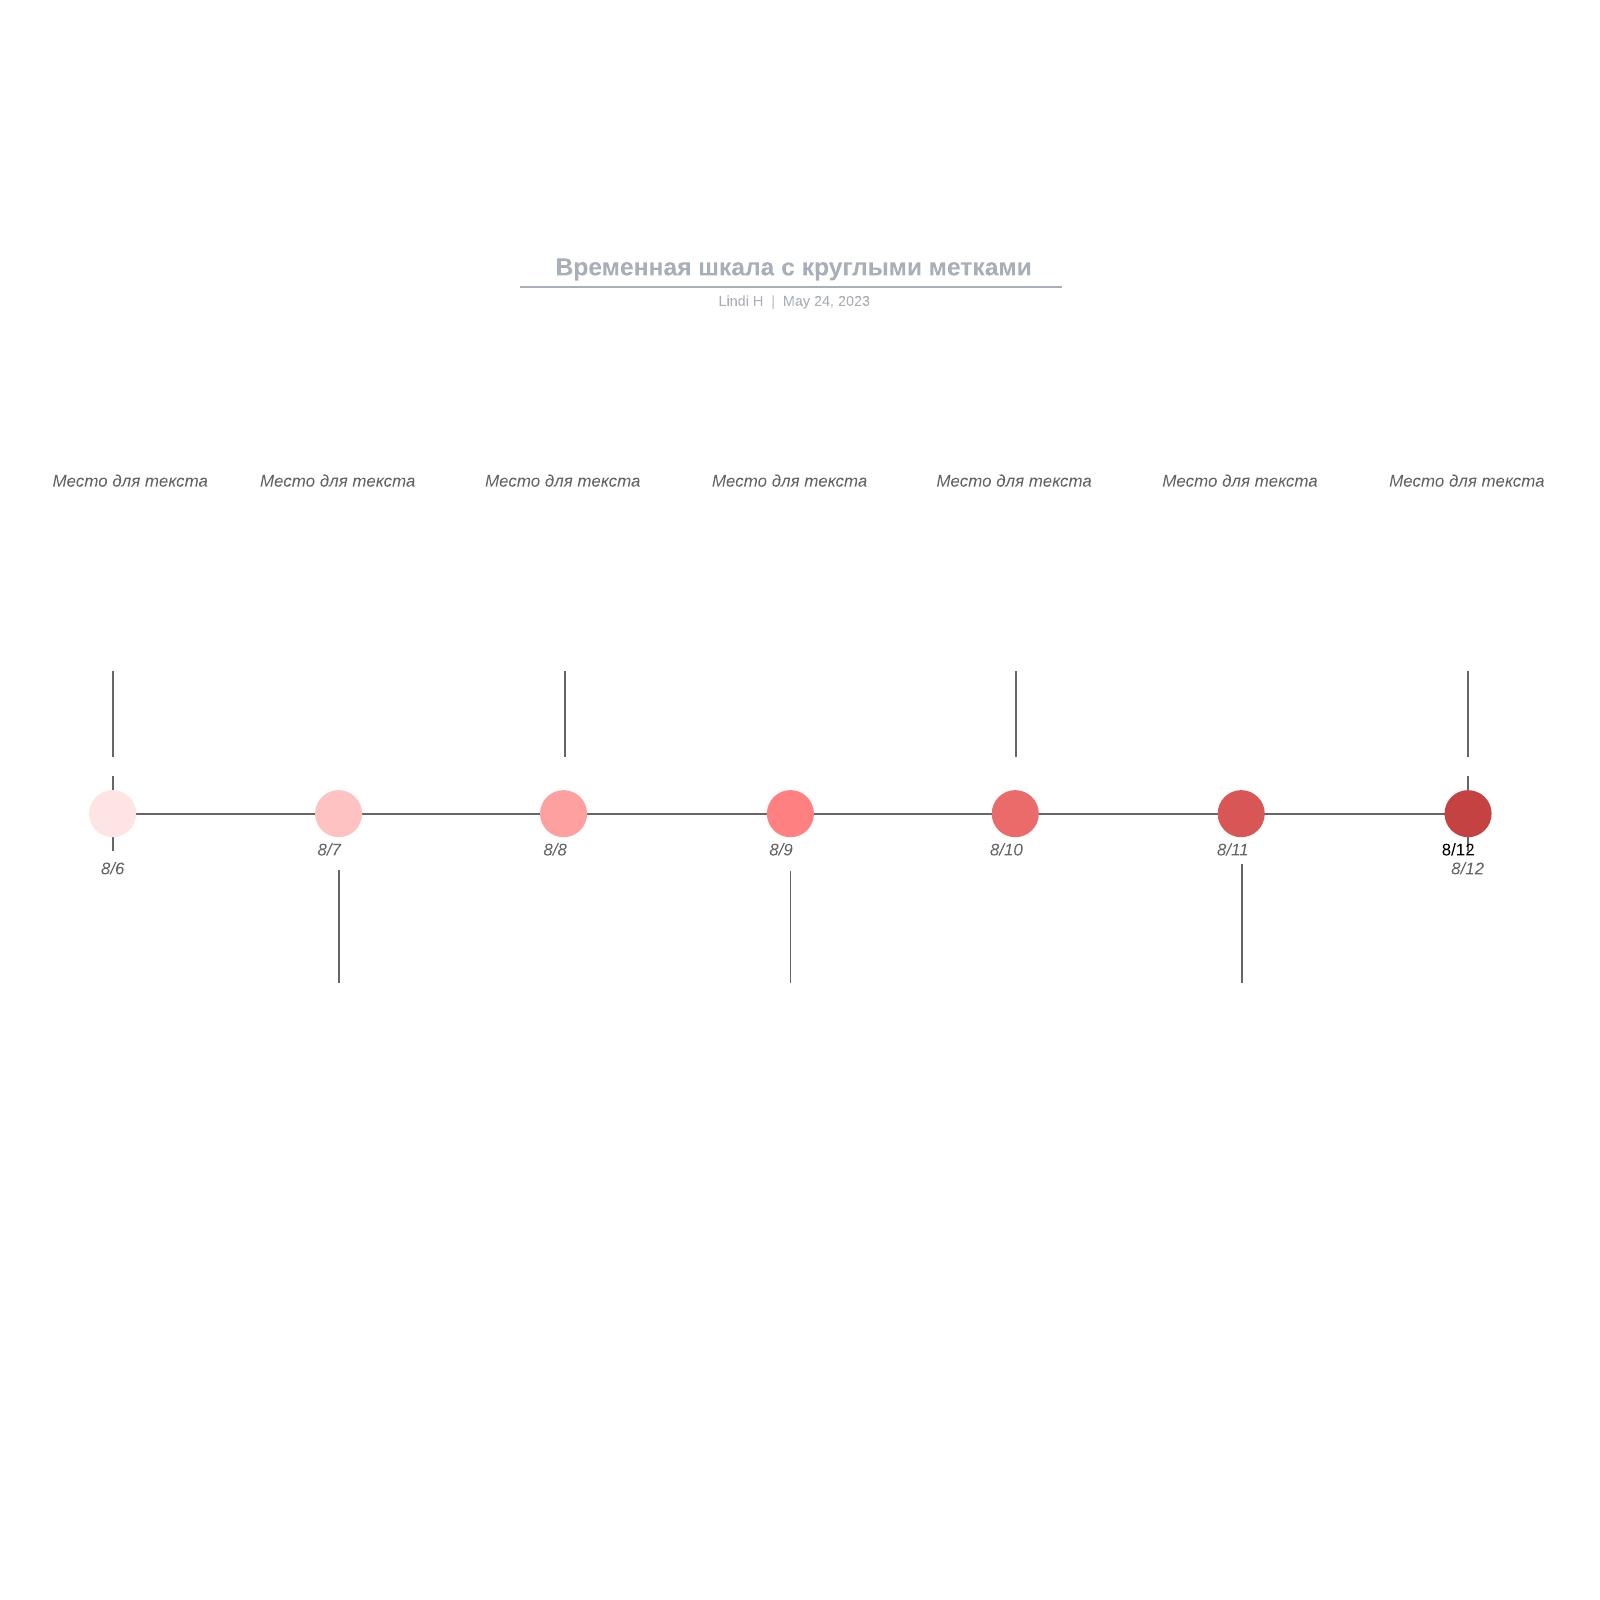 Временная шкала с круглыми метками